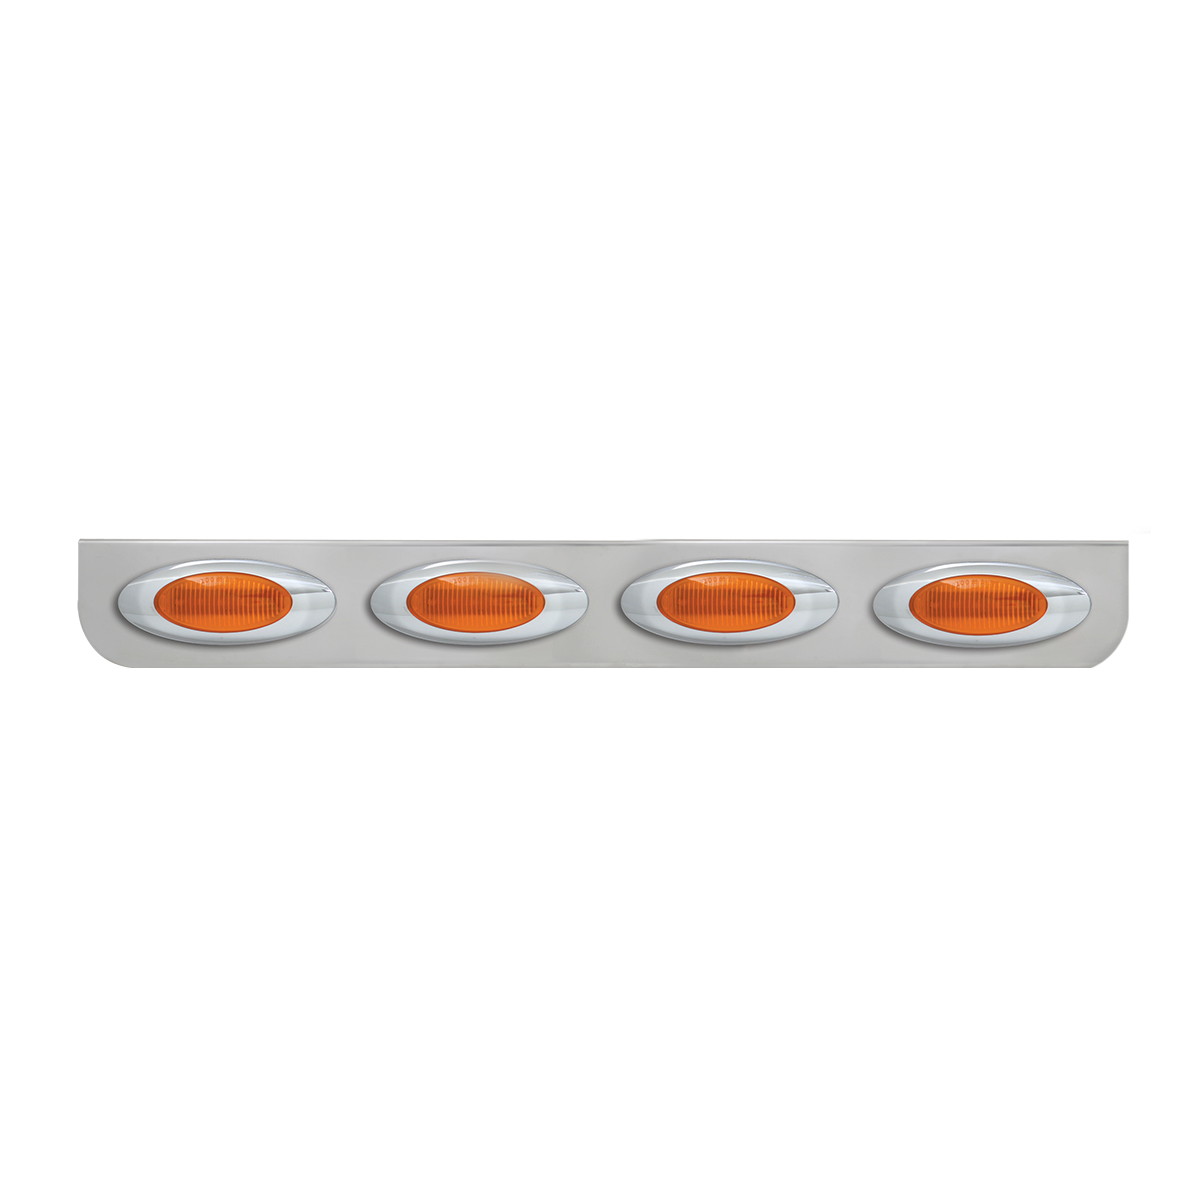 """#89080 Quadruple Stainless Steel """"L"""" Shape Light Bracket with Plug-In Y2K Incandescent Lights"""